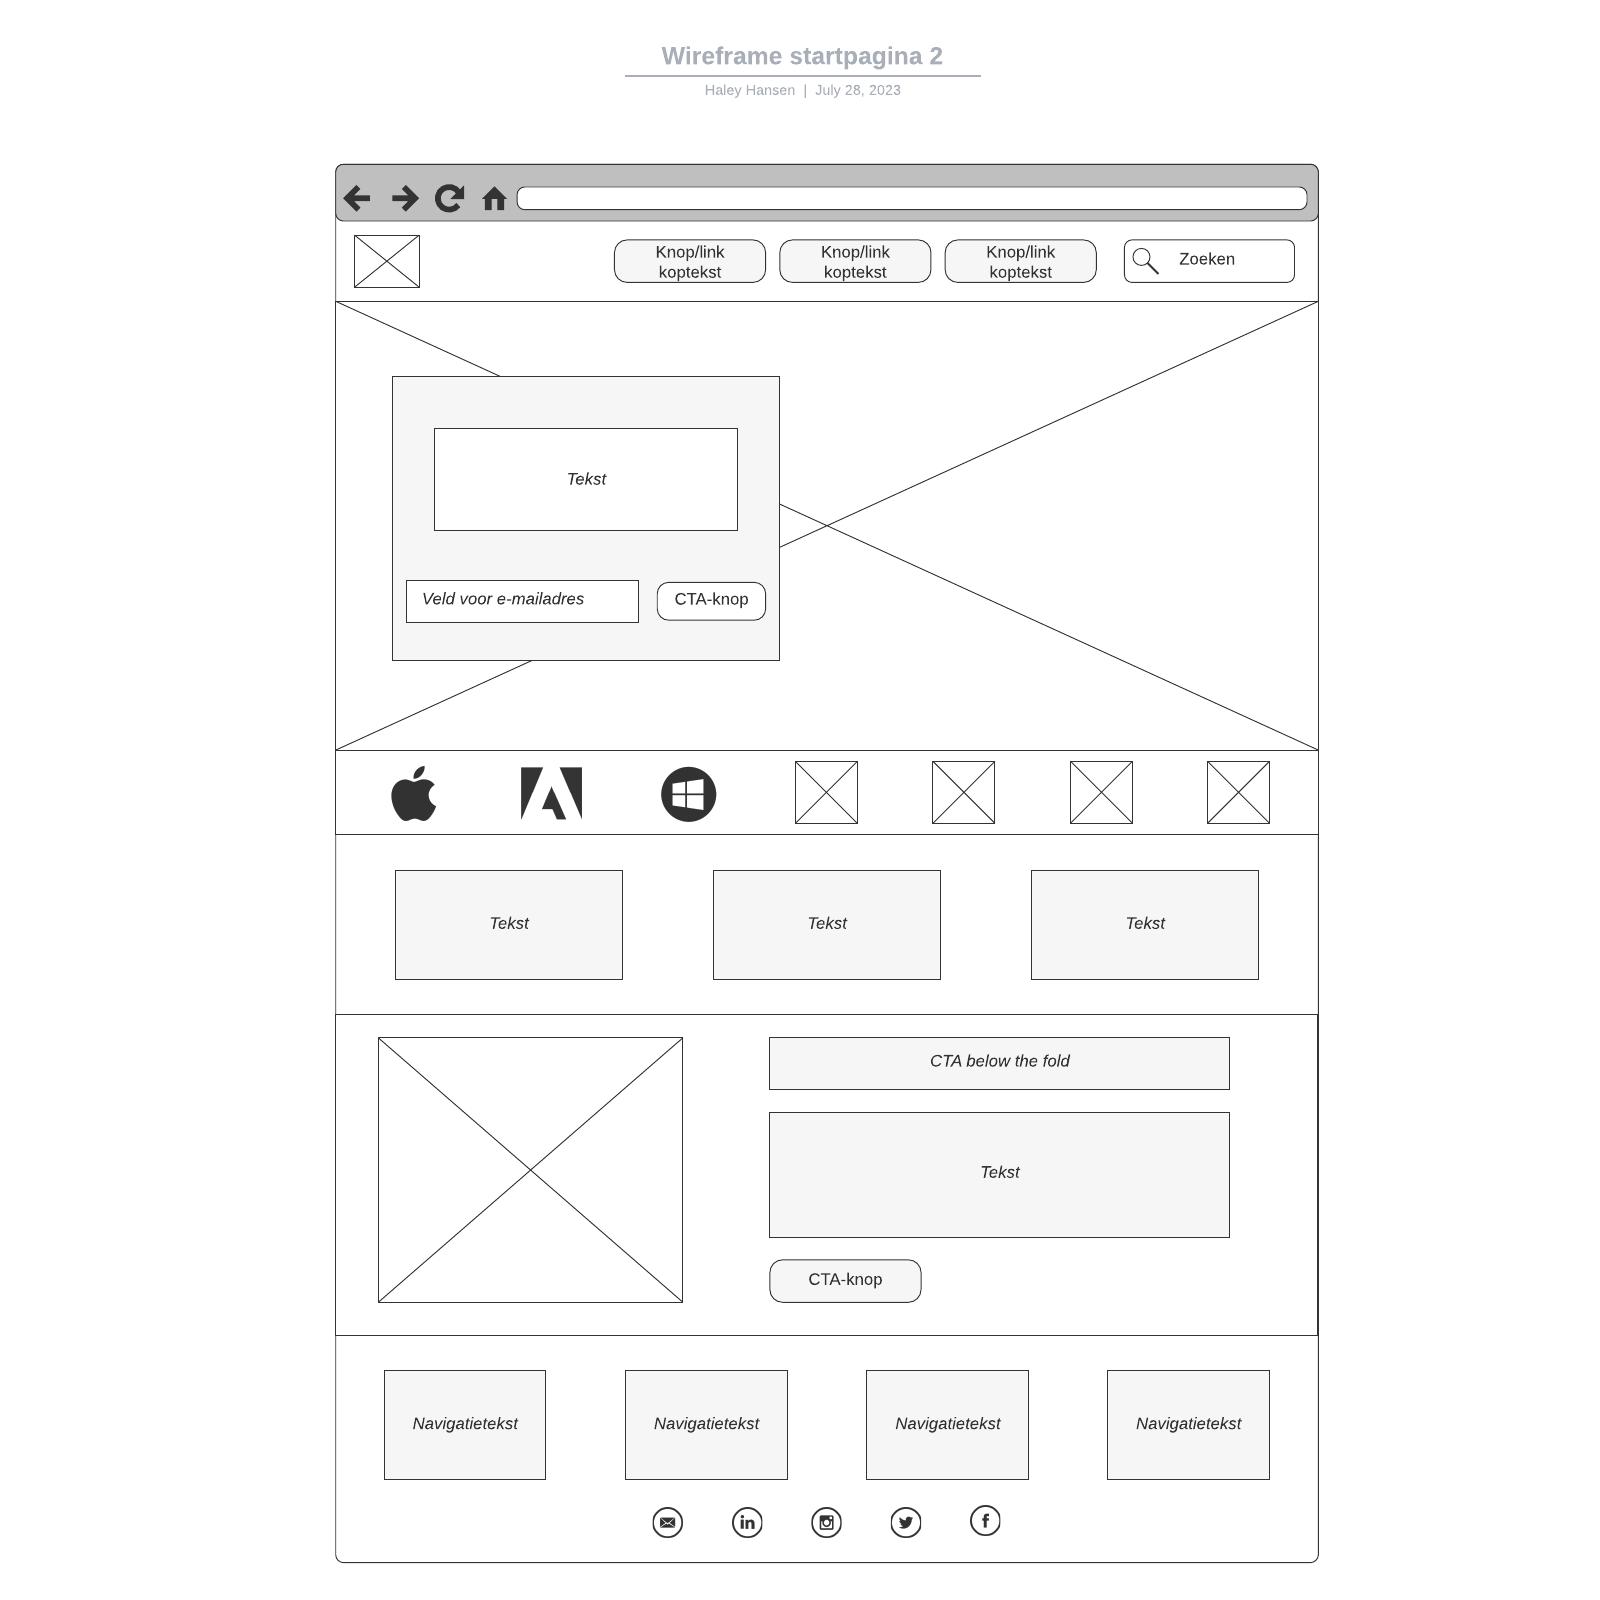 Wireframe startpagina